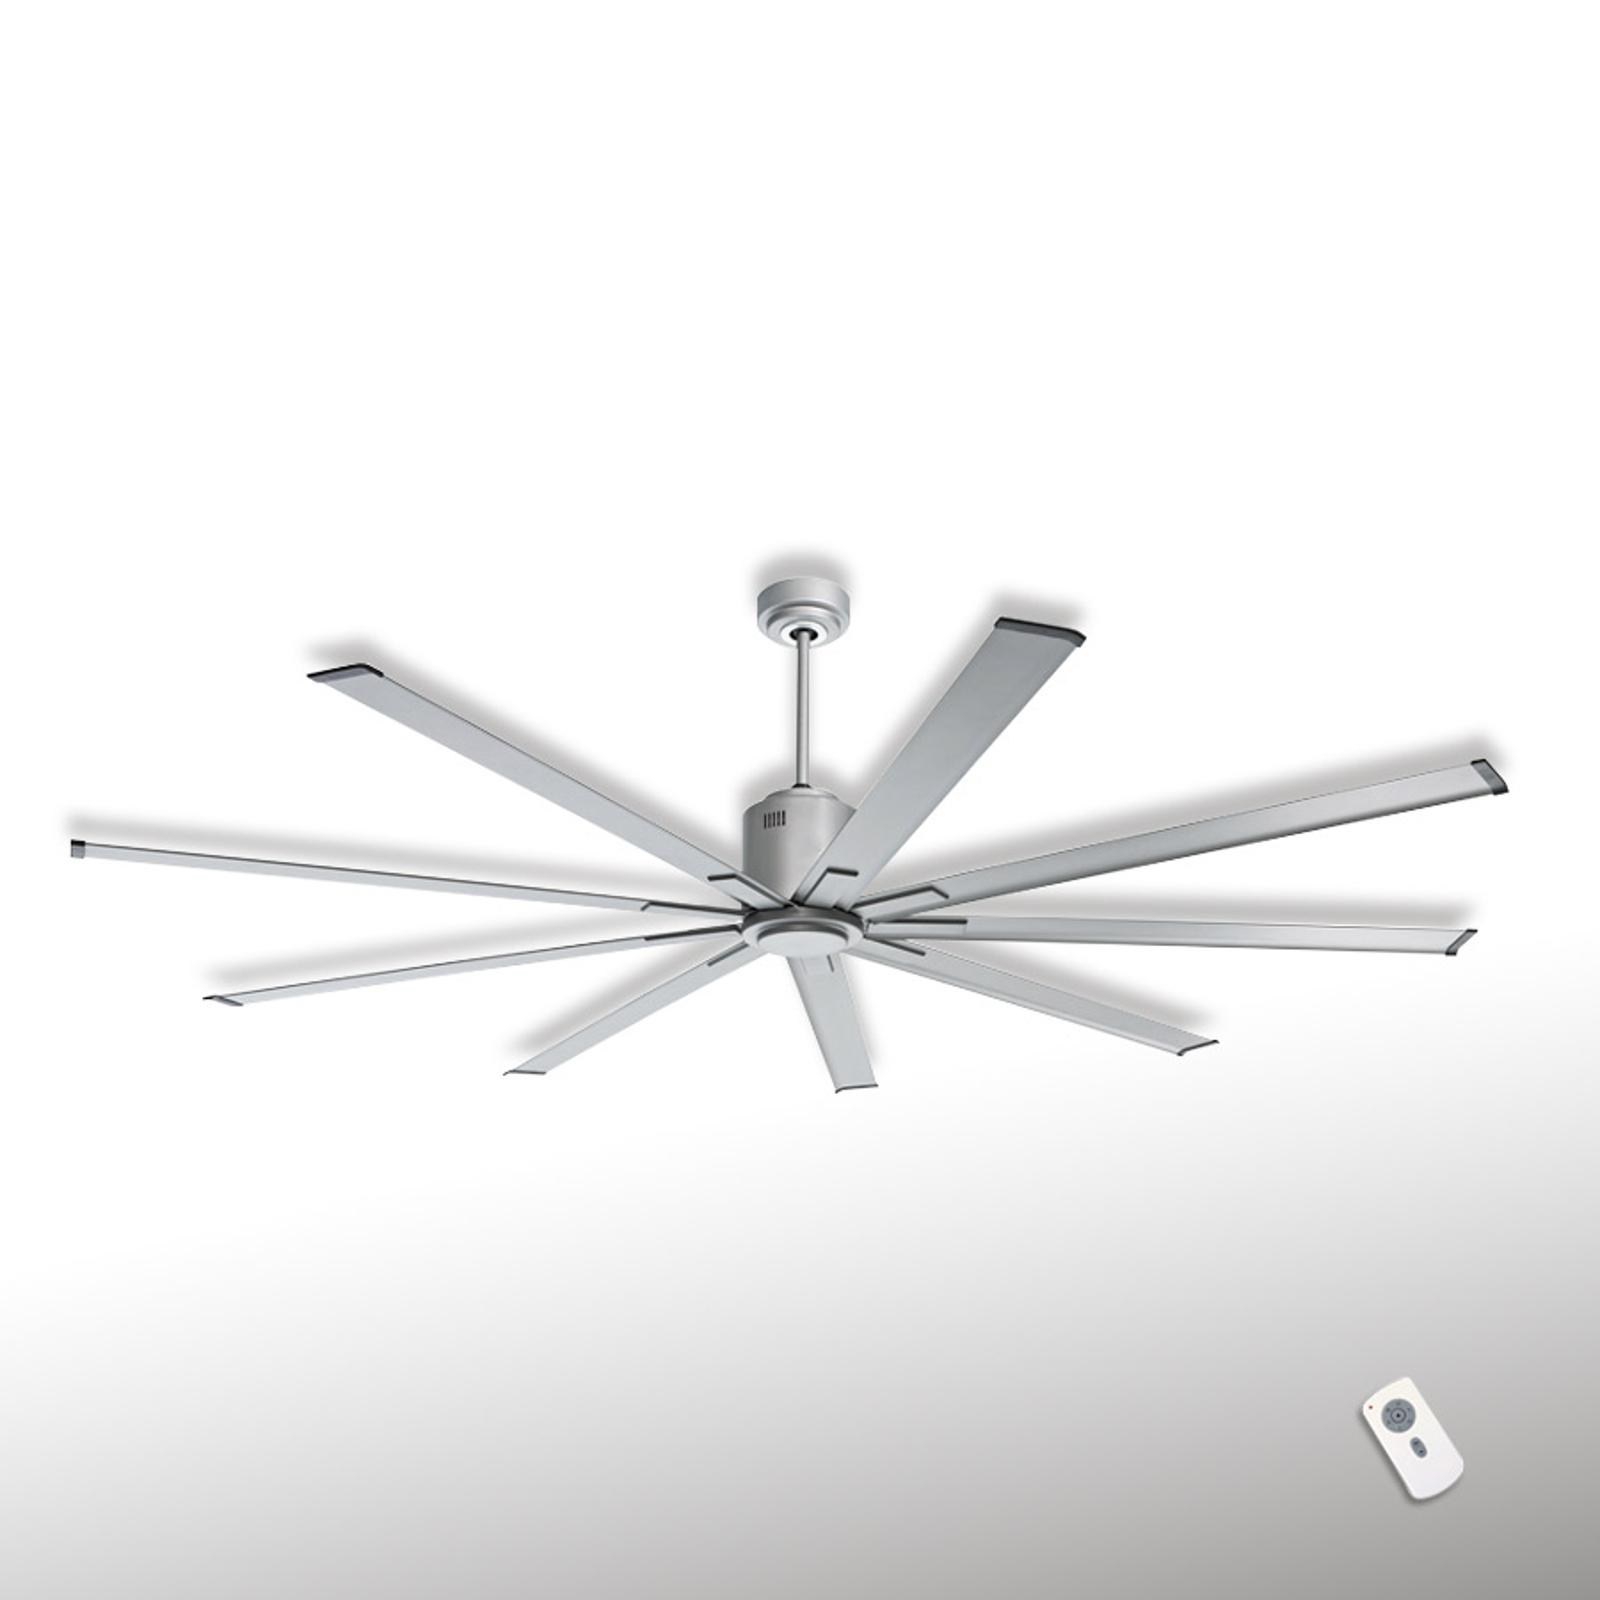 Ceiling fan Big Smooth Eco 220cm, titanium silver_2015069_1